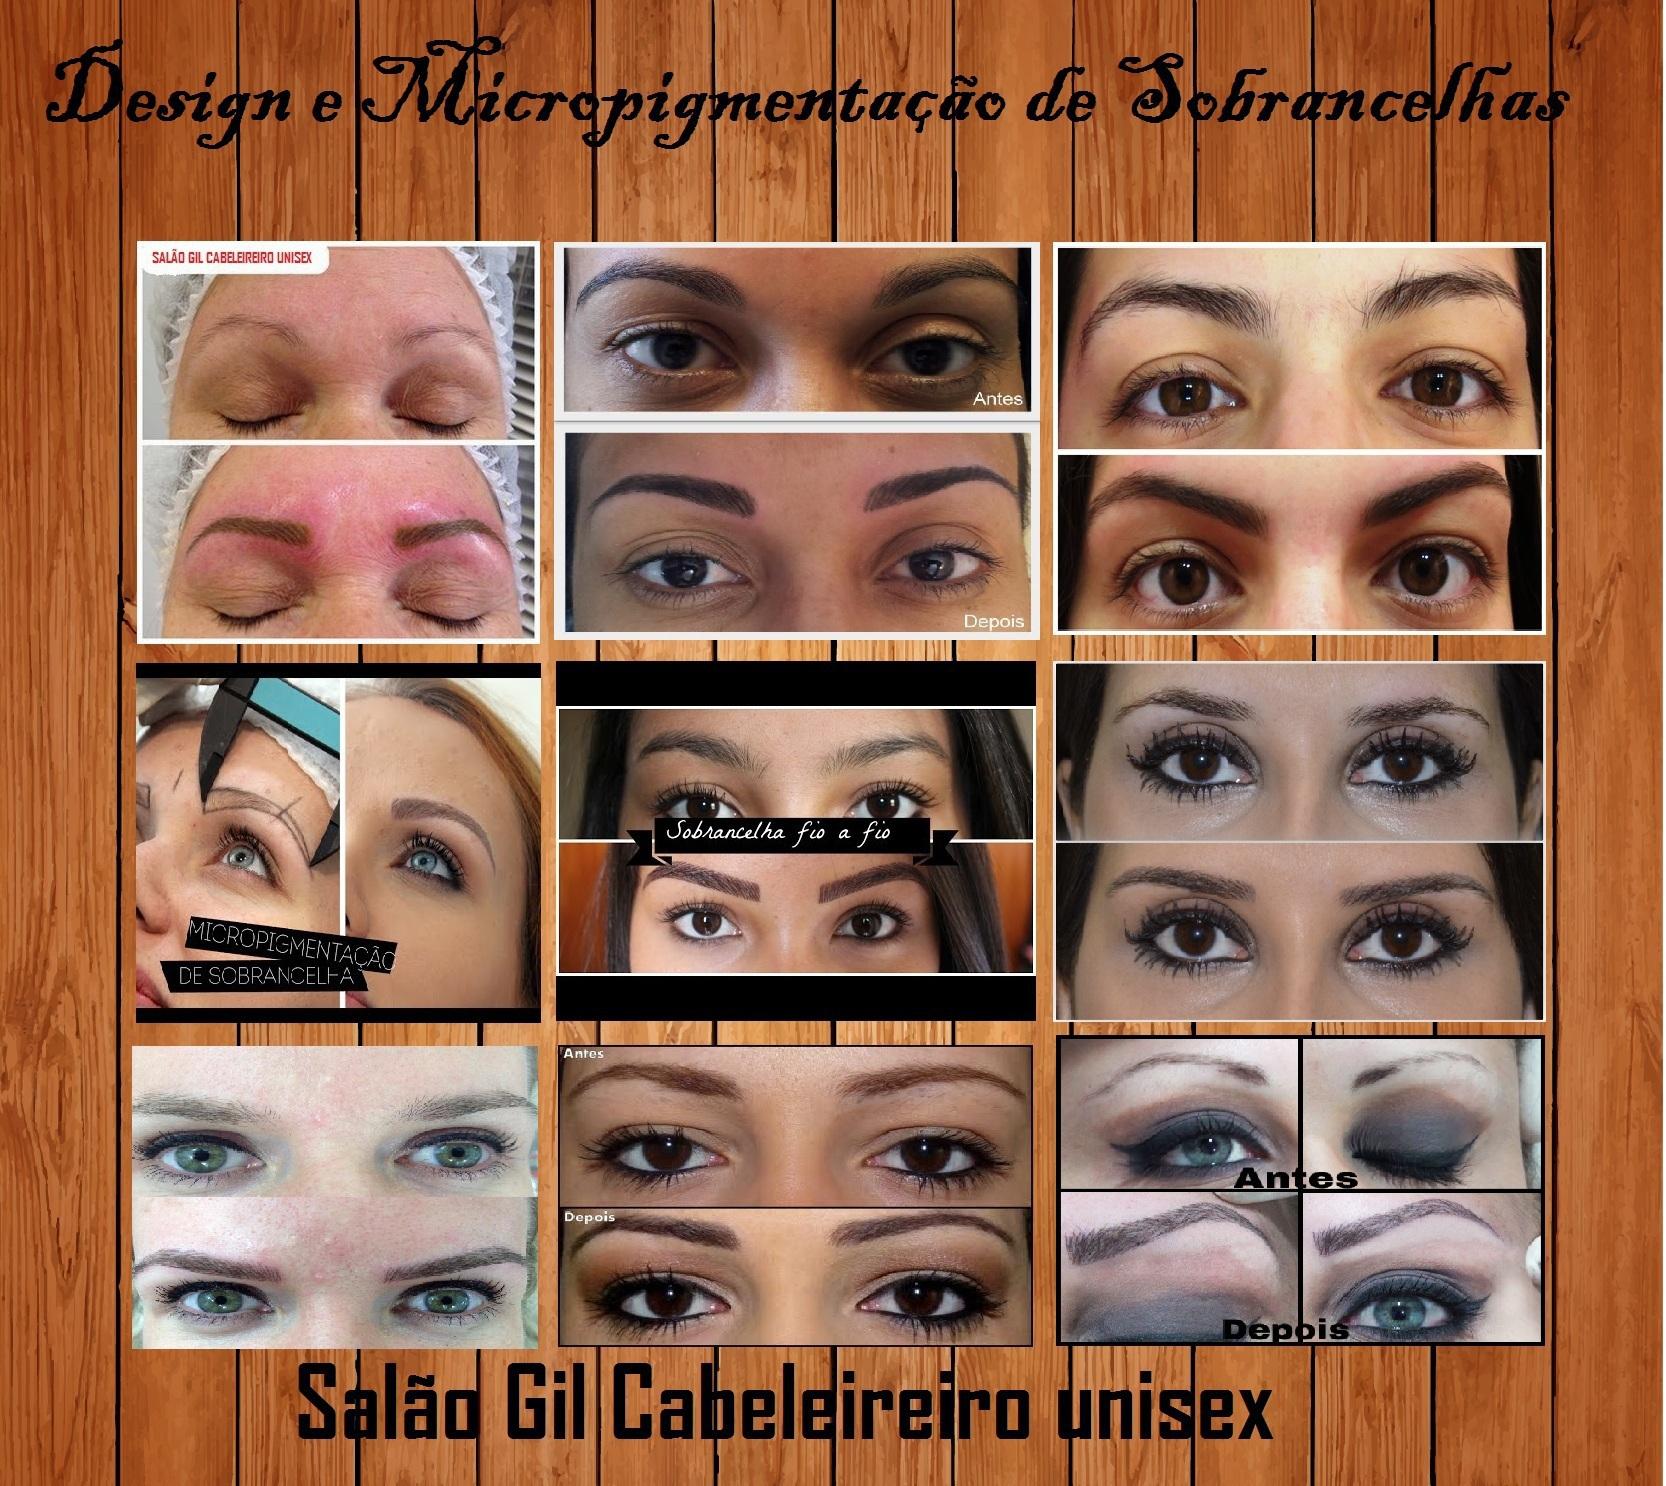 maquiagem cabeleireiro(a) manicure e pedicure micropigmentador(a) designer de sobrancelhas depilador(a) barbeiro(a)